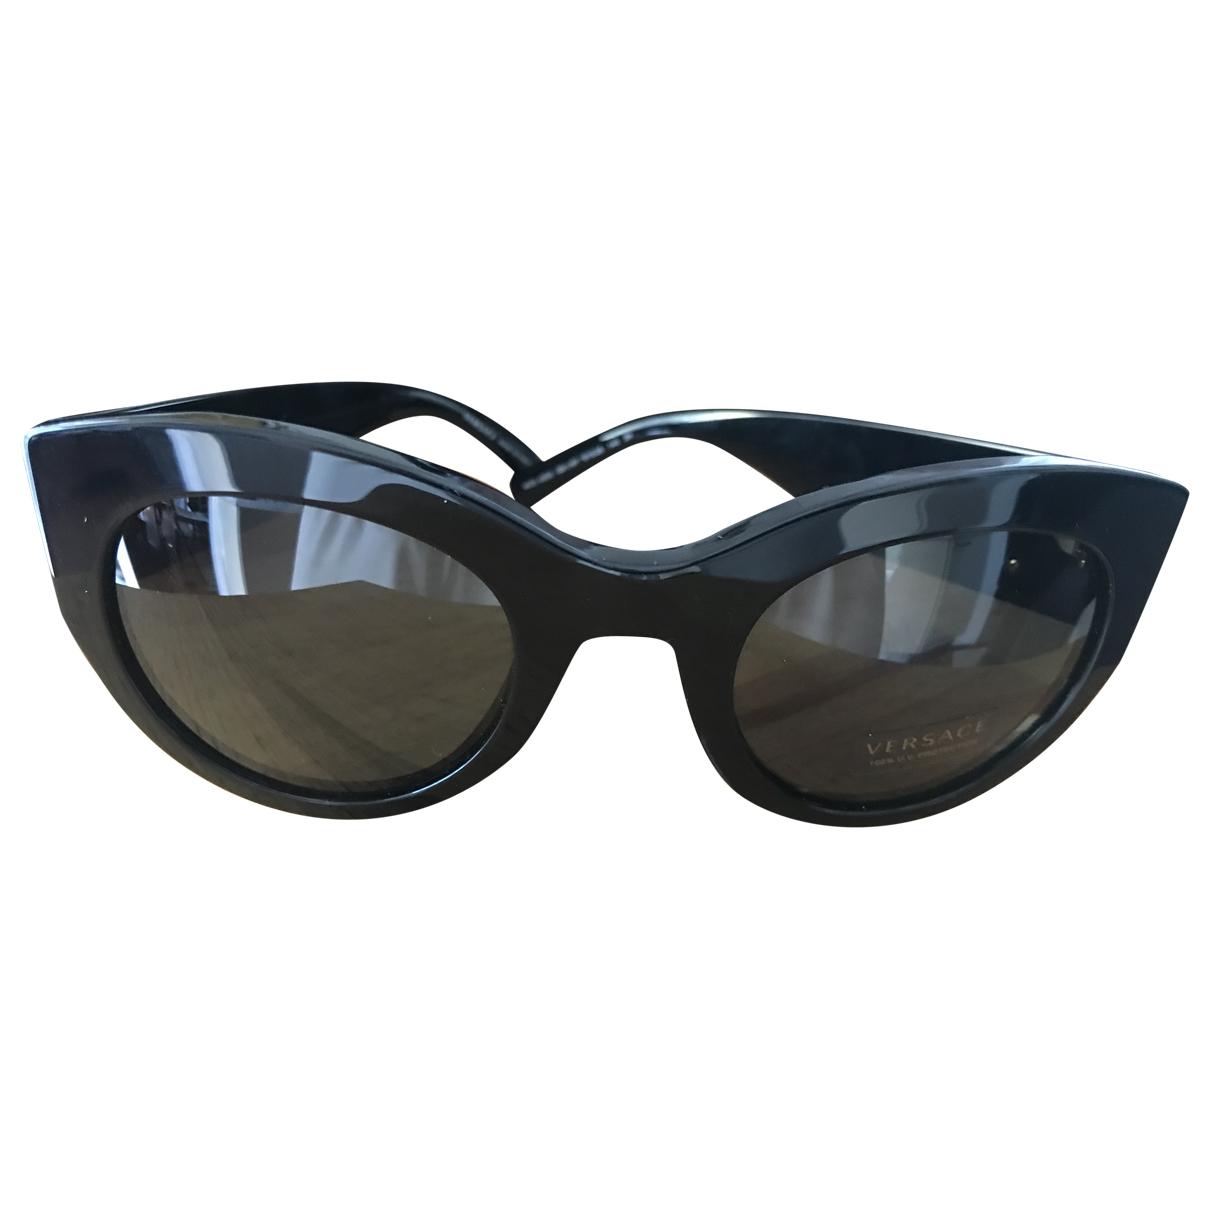 Gianni Versace - Lunettes   pour femme - noir